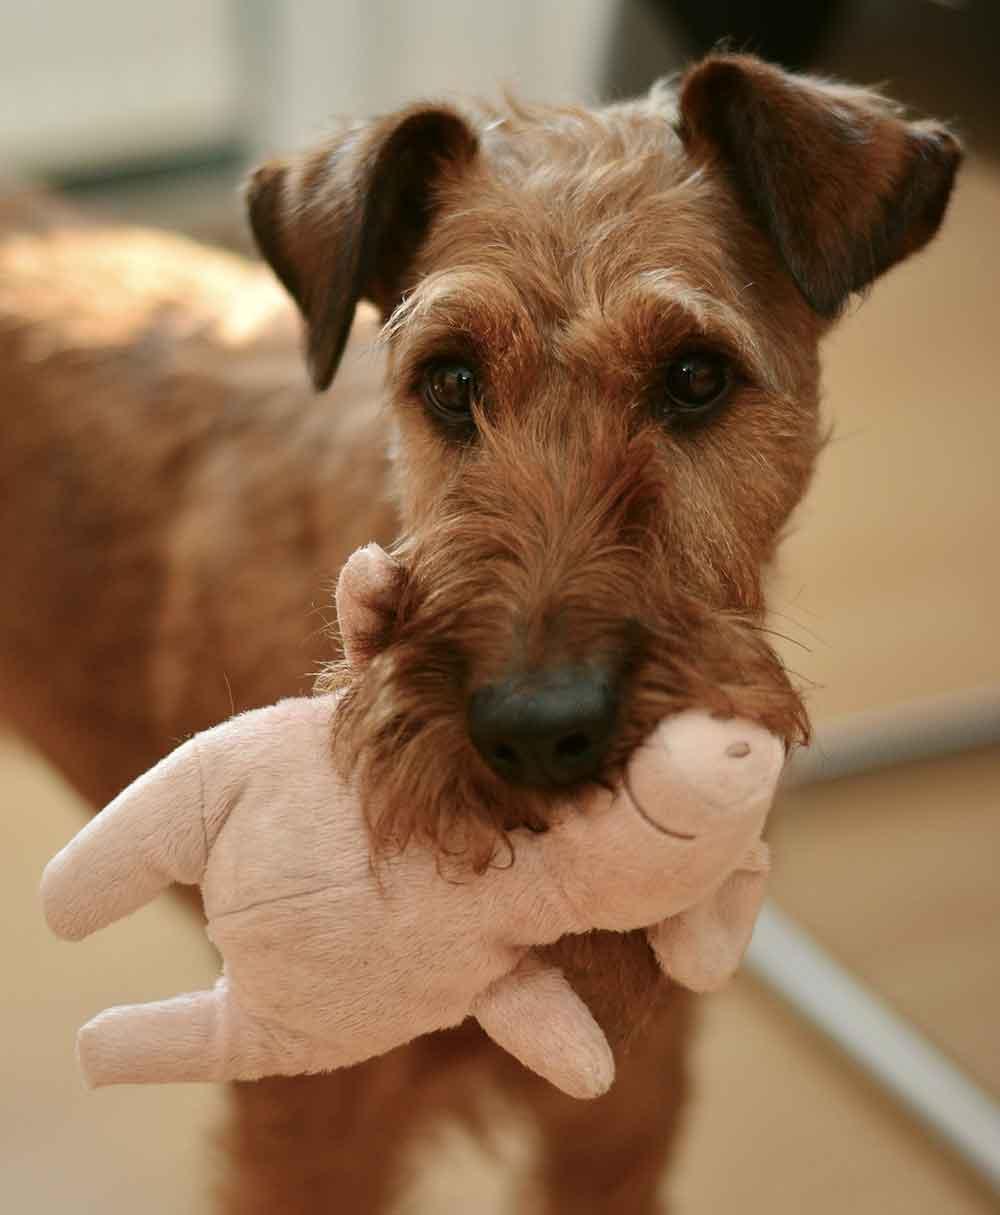 hundespielzeug Spielzeug für Hunde